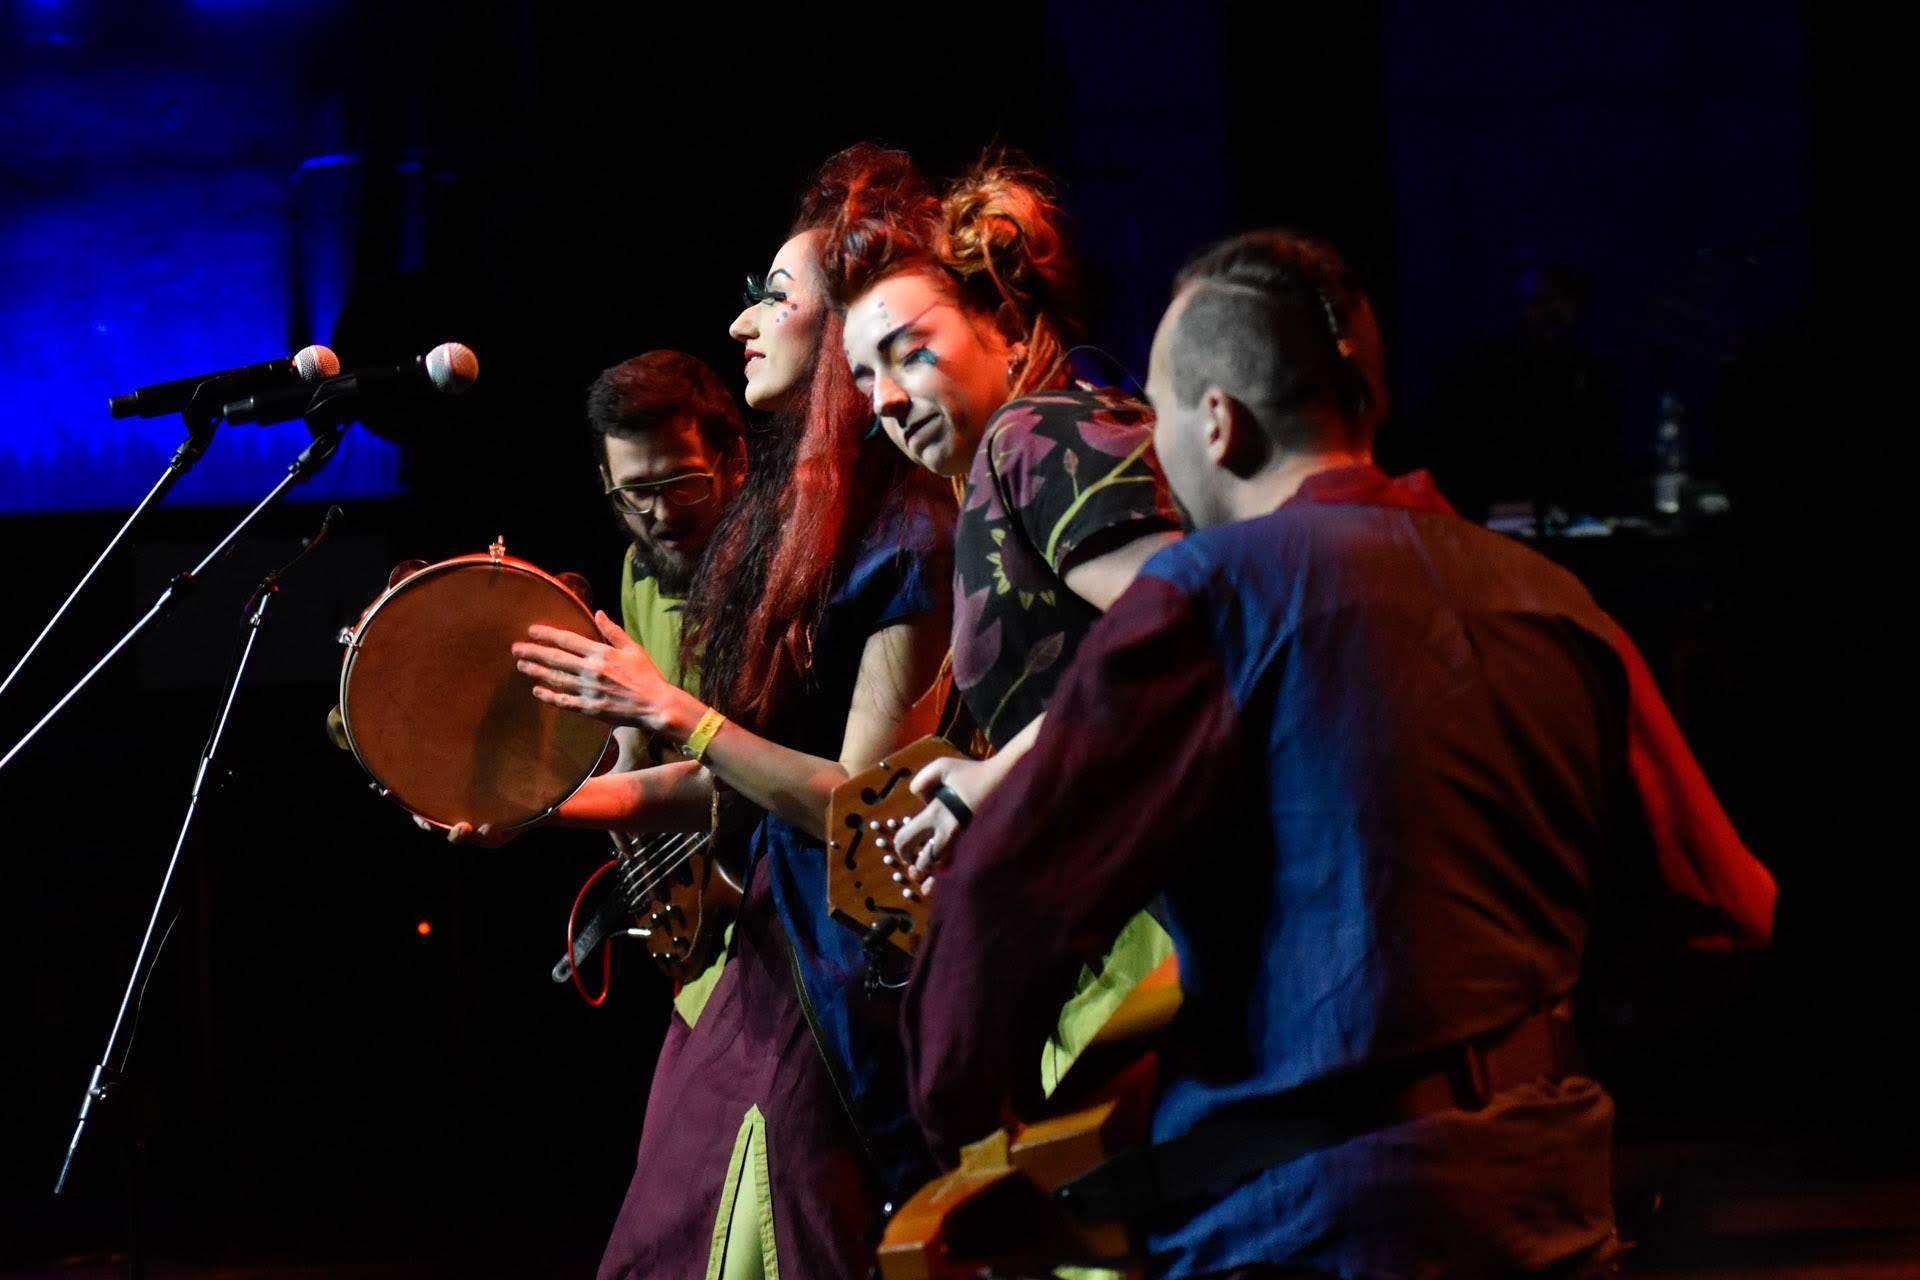 Гурт Torban отримав призове місце на конкурсі в Польщі